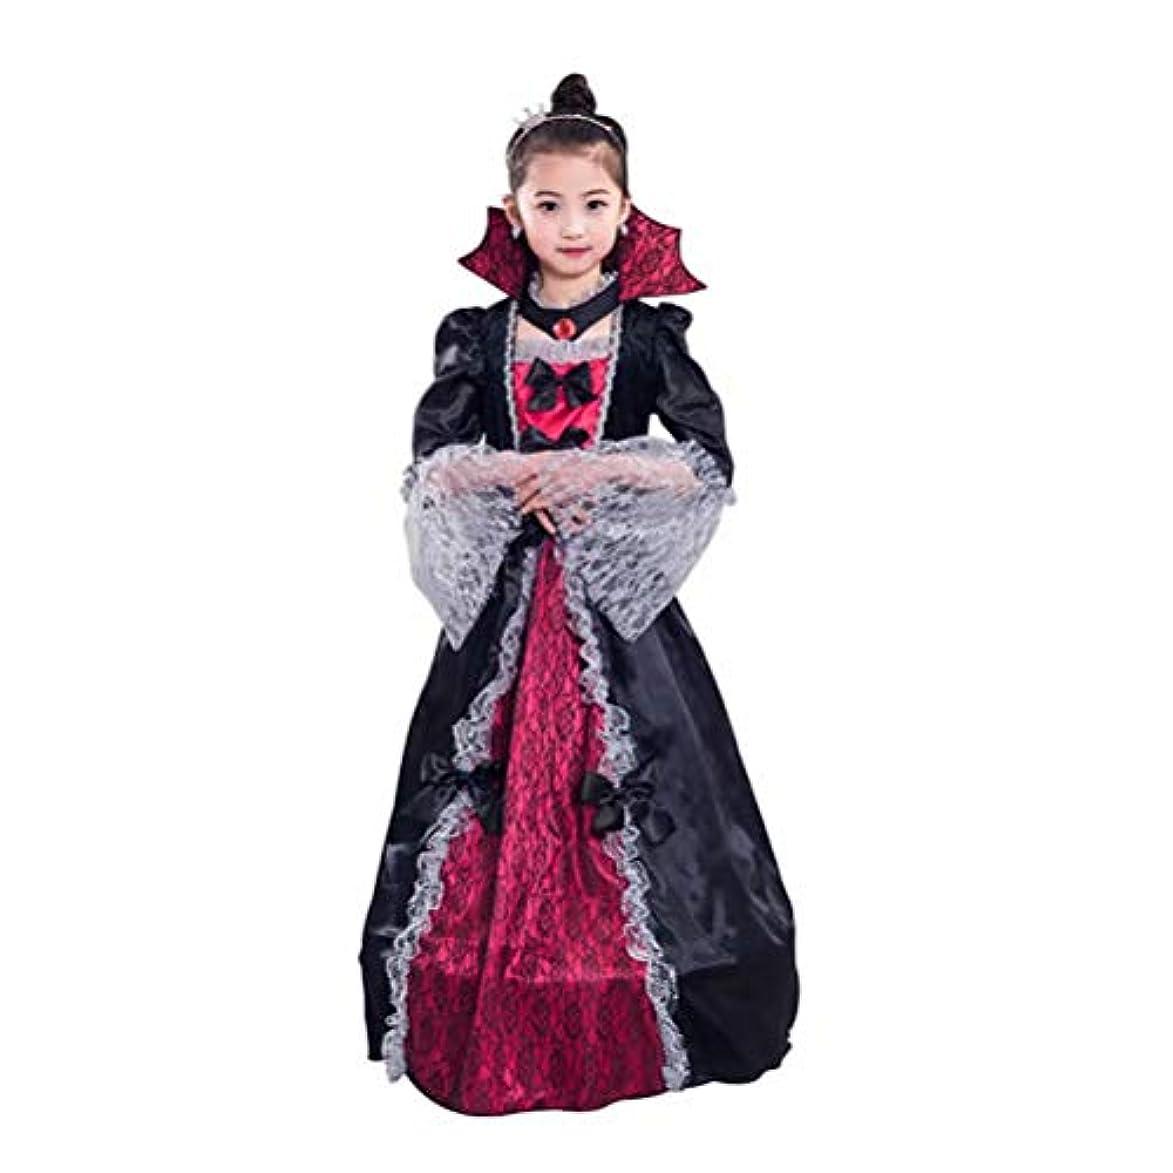 文字通りパール優しいLEDING HAPPY ハロウィン衣装 子供 女の子 ワンピース ドレス お姫様 魔女 コスプレ 仮装 キッズコスチューム 吸血鬼 巫女 女王 ハロウィーンコスチューム